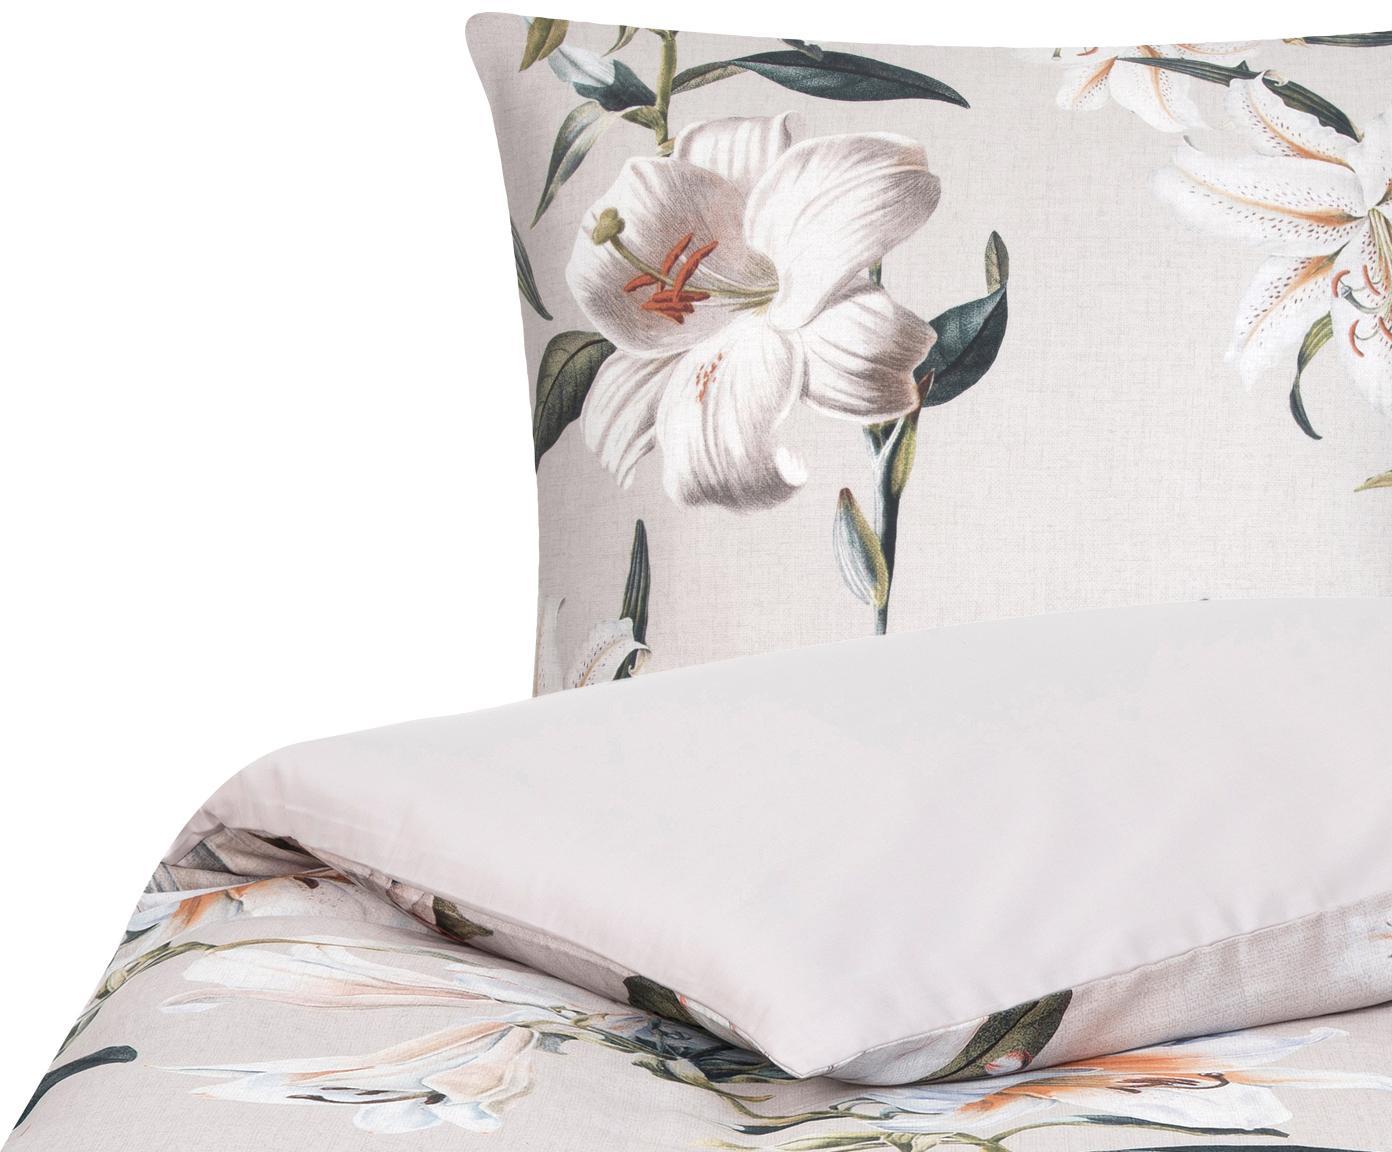 Baumwollsatin-Bettwäsche Flori mit Blumen-Print, Webart: Satin Fadendichte 210 TC,, Vorderseite: Beige, CremeweißRückseite: Beige, 155 x 220 cm + 1 Kissen 80 x 80 cm